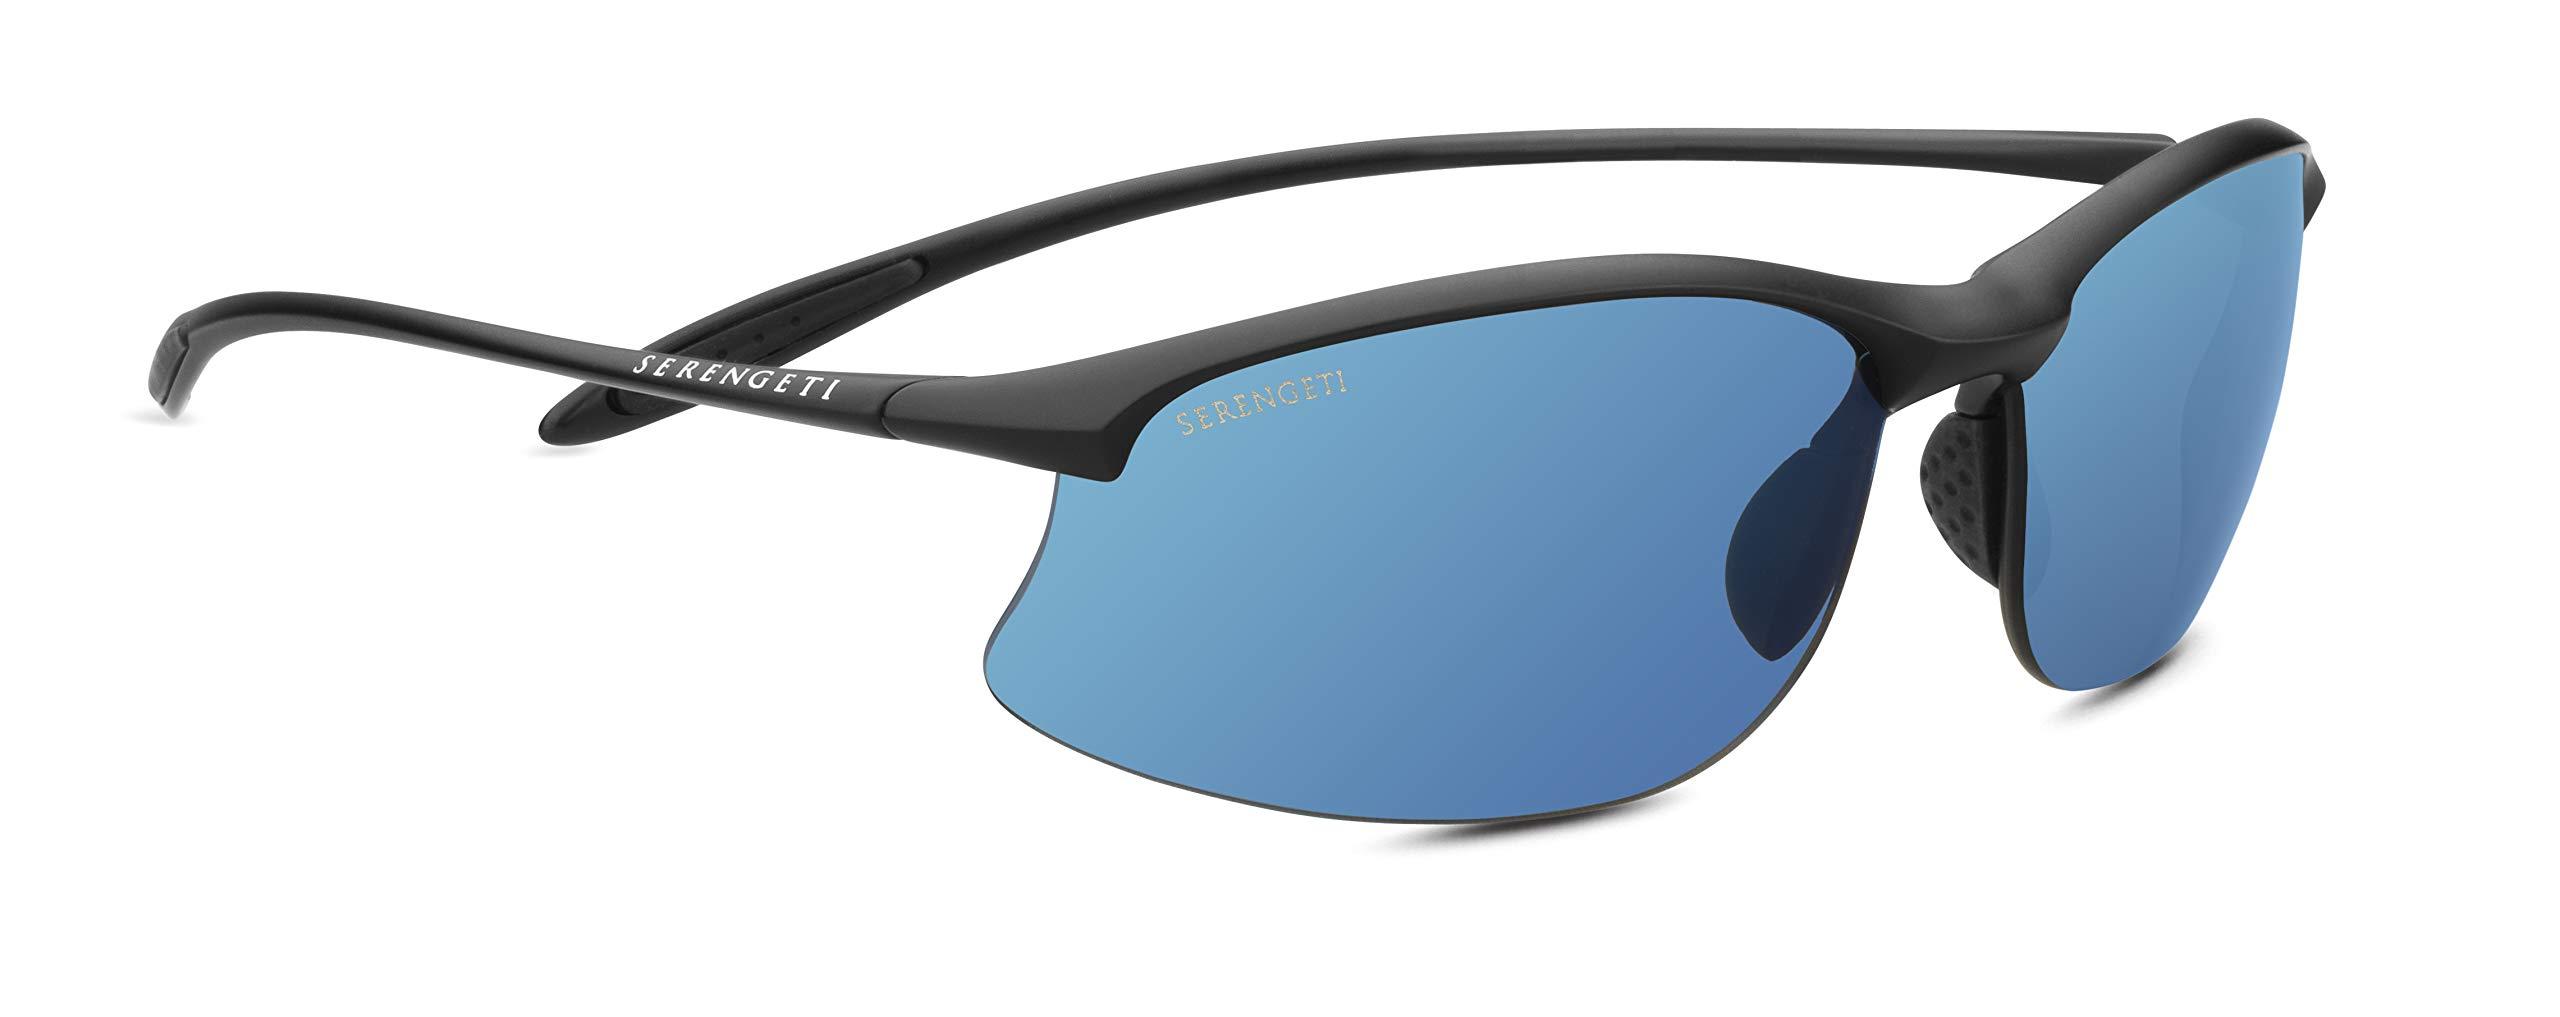 Serengeti Maestrale Sunglasses Satin Black Unisex-Adult Medium/Large by Serengeti